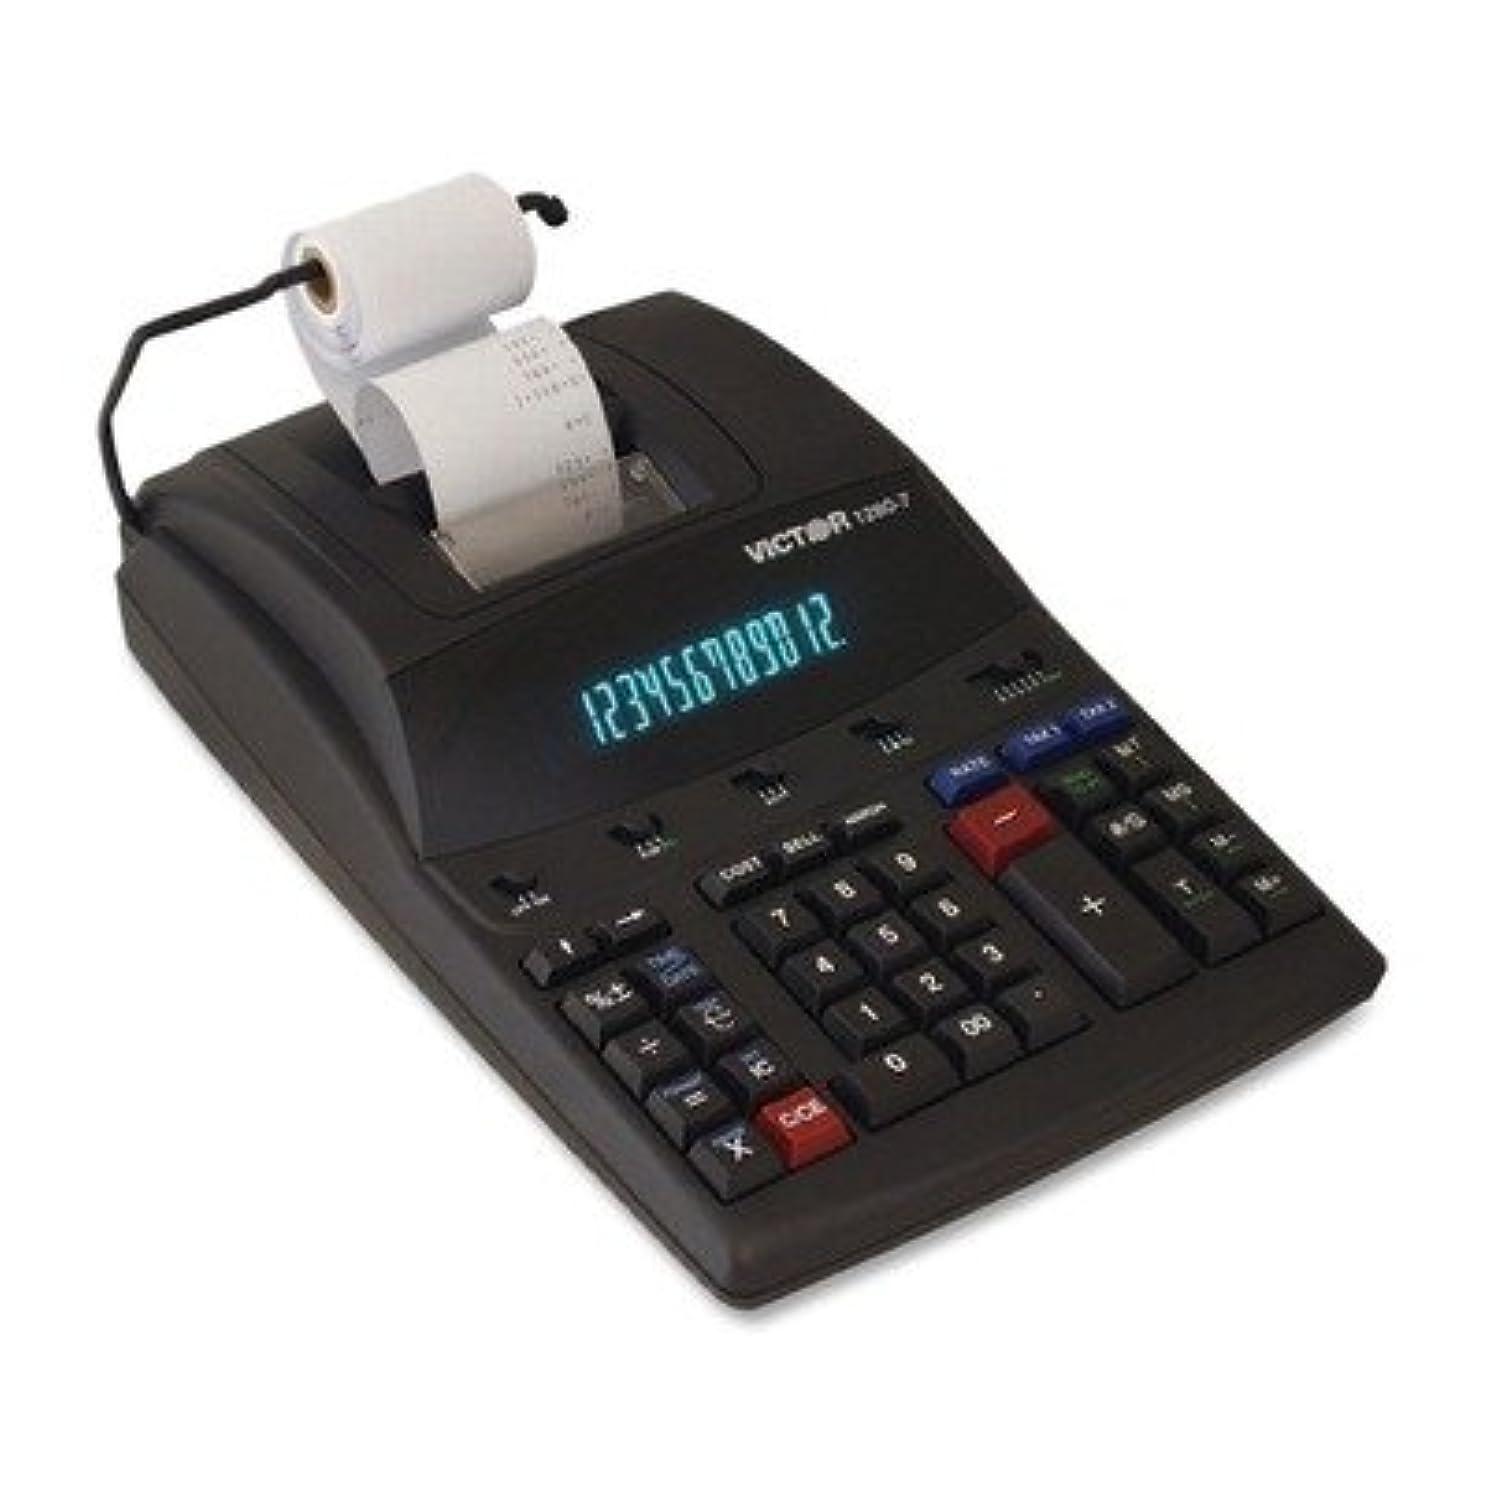 ベアリングサークルペンダント免疫する12桁電卓、2-print/表示、8?–?1?/ 2?x12?Quot ;?–?1?/ 4?quot ; x3?Quot ;、ホワイト